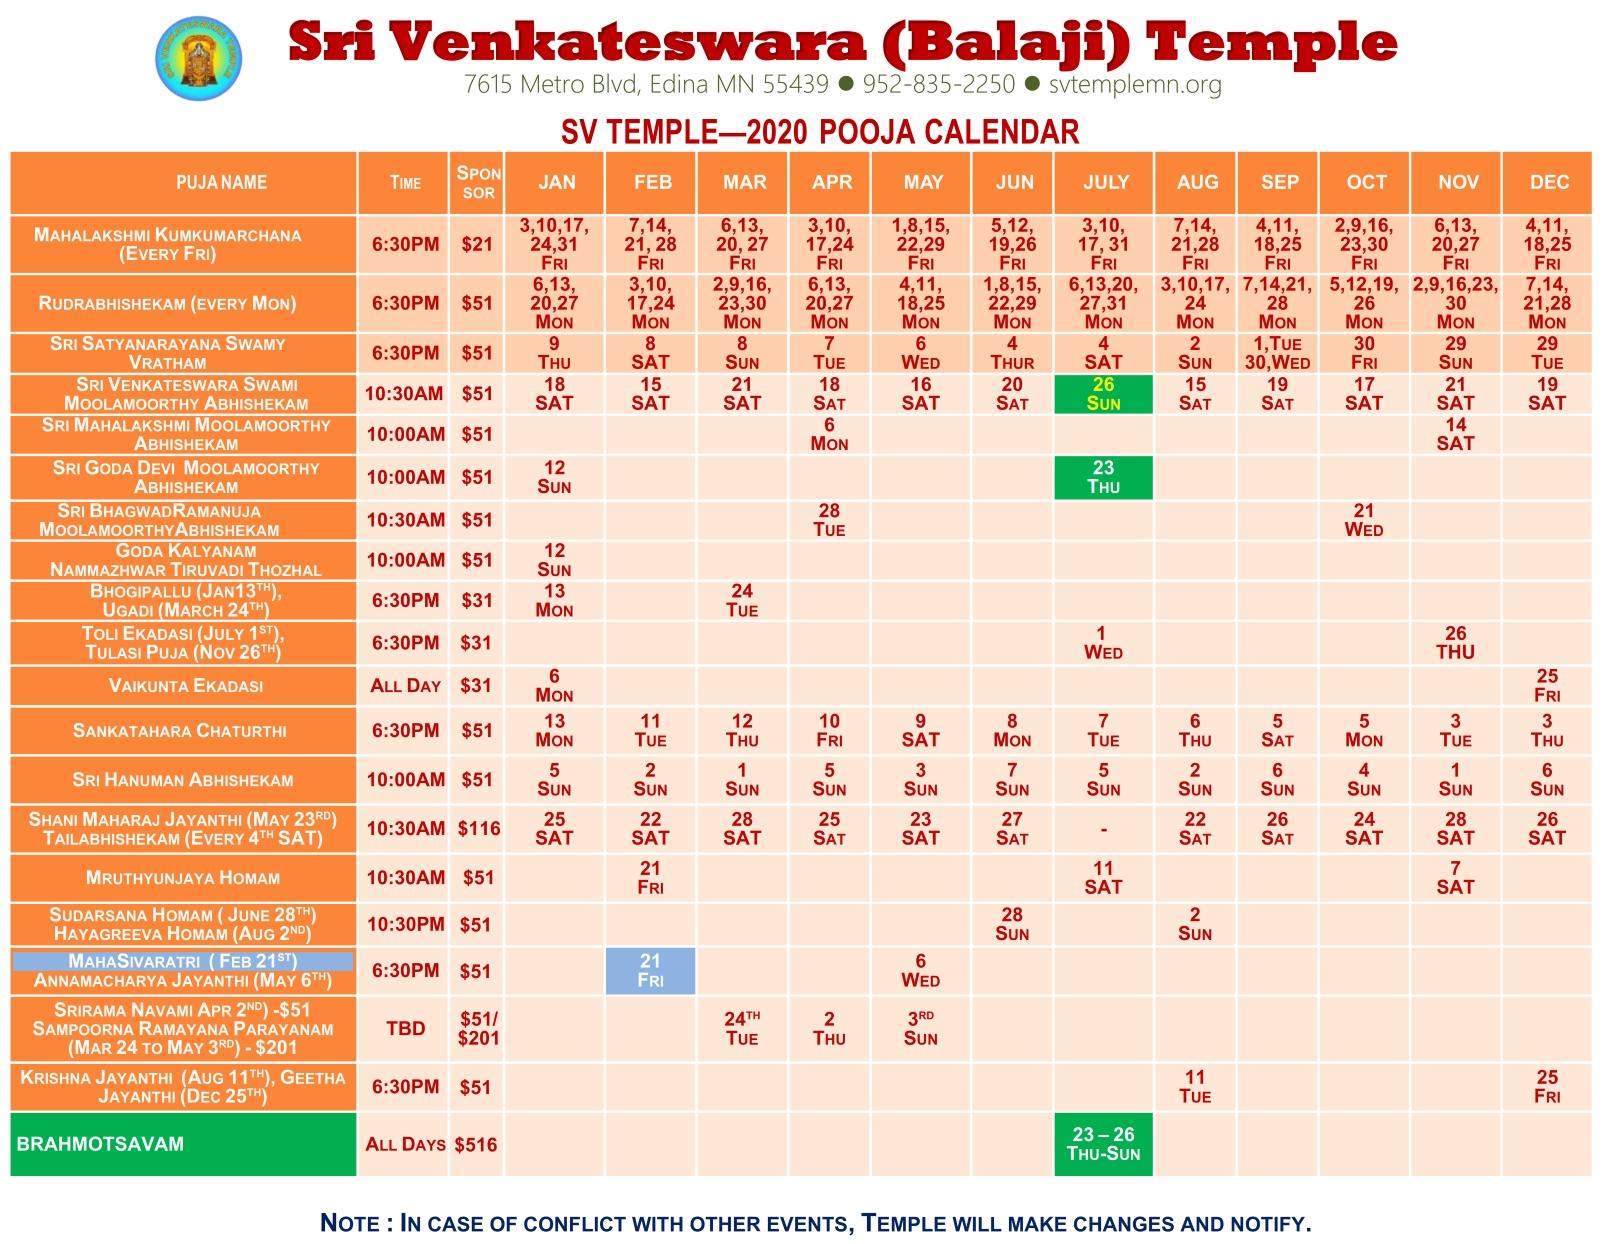 Puja Calendar 2020 | Sri Venkateswara (Balaji) Temple